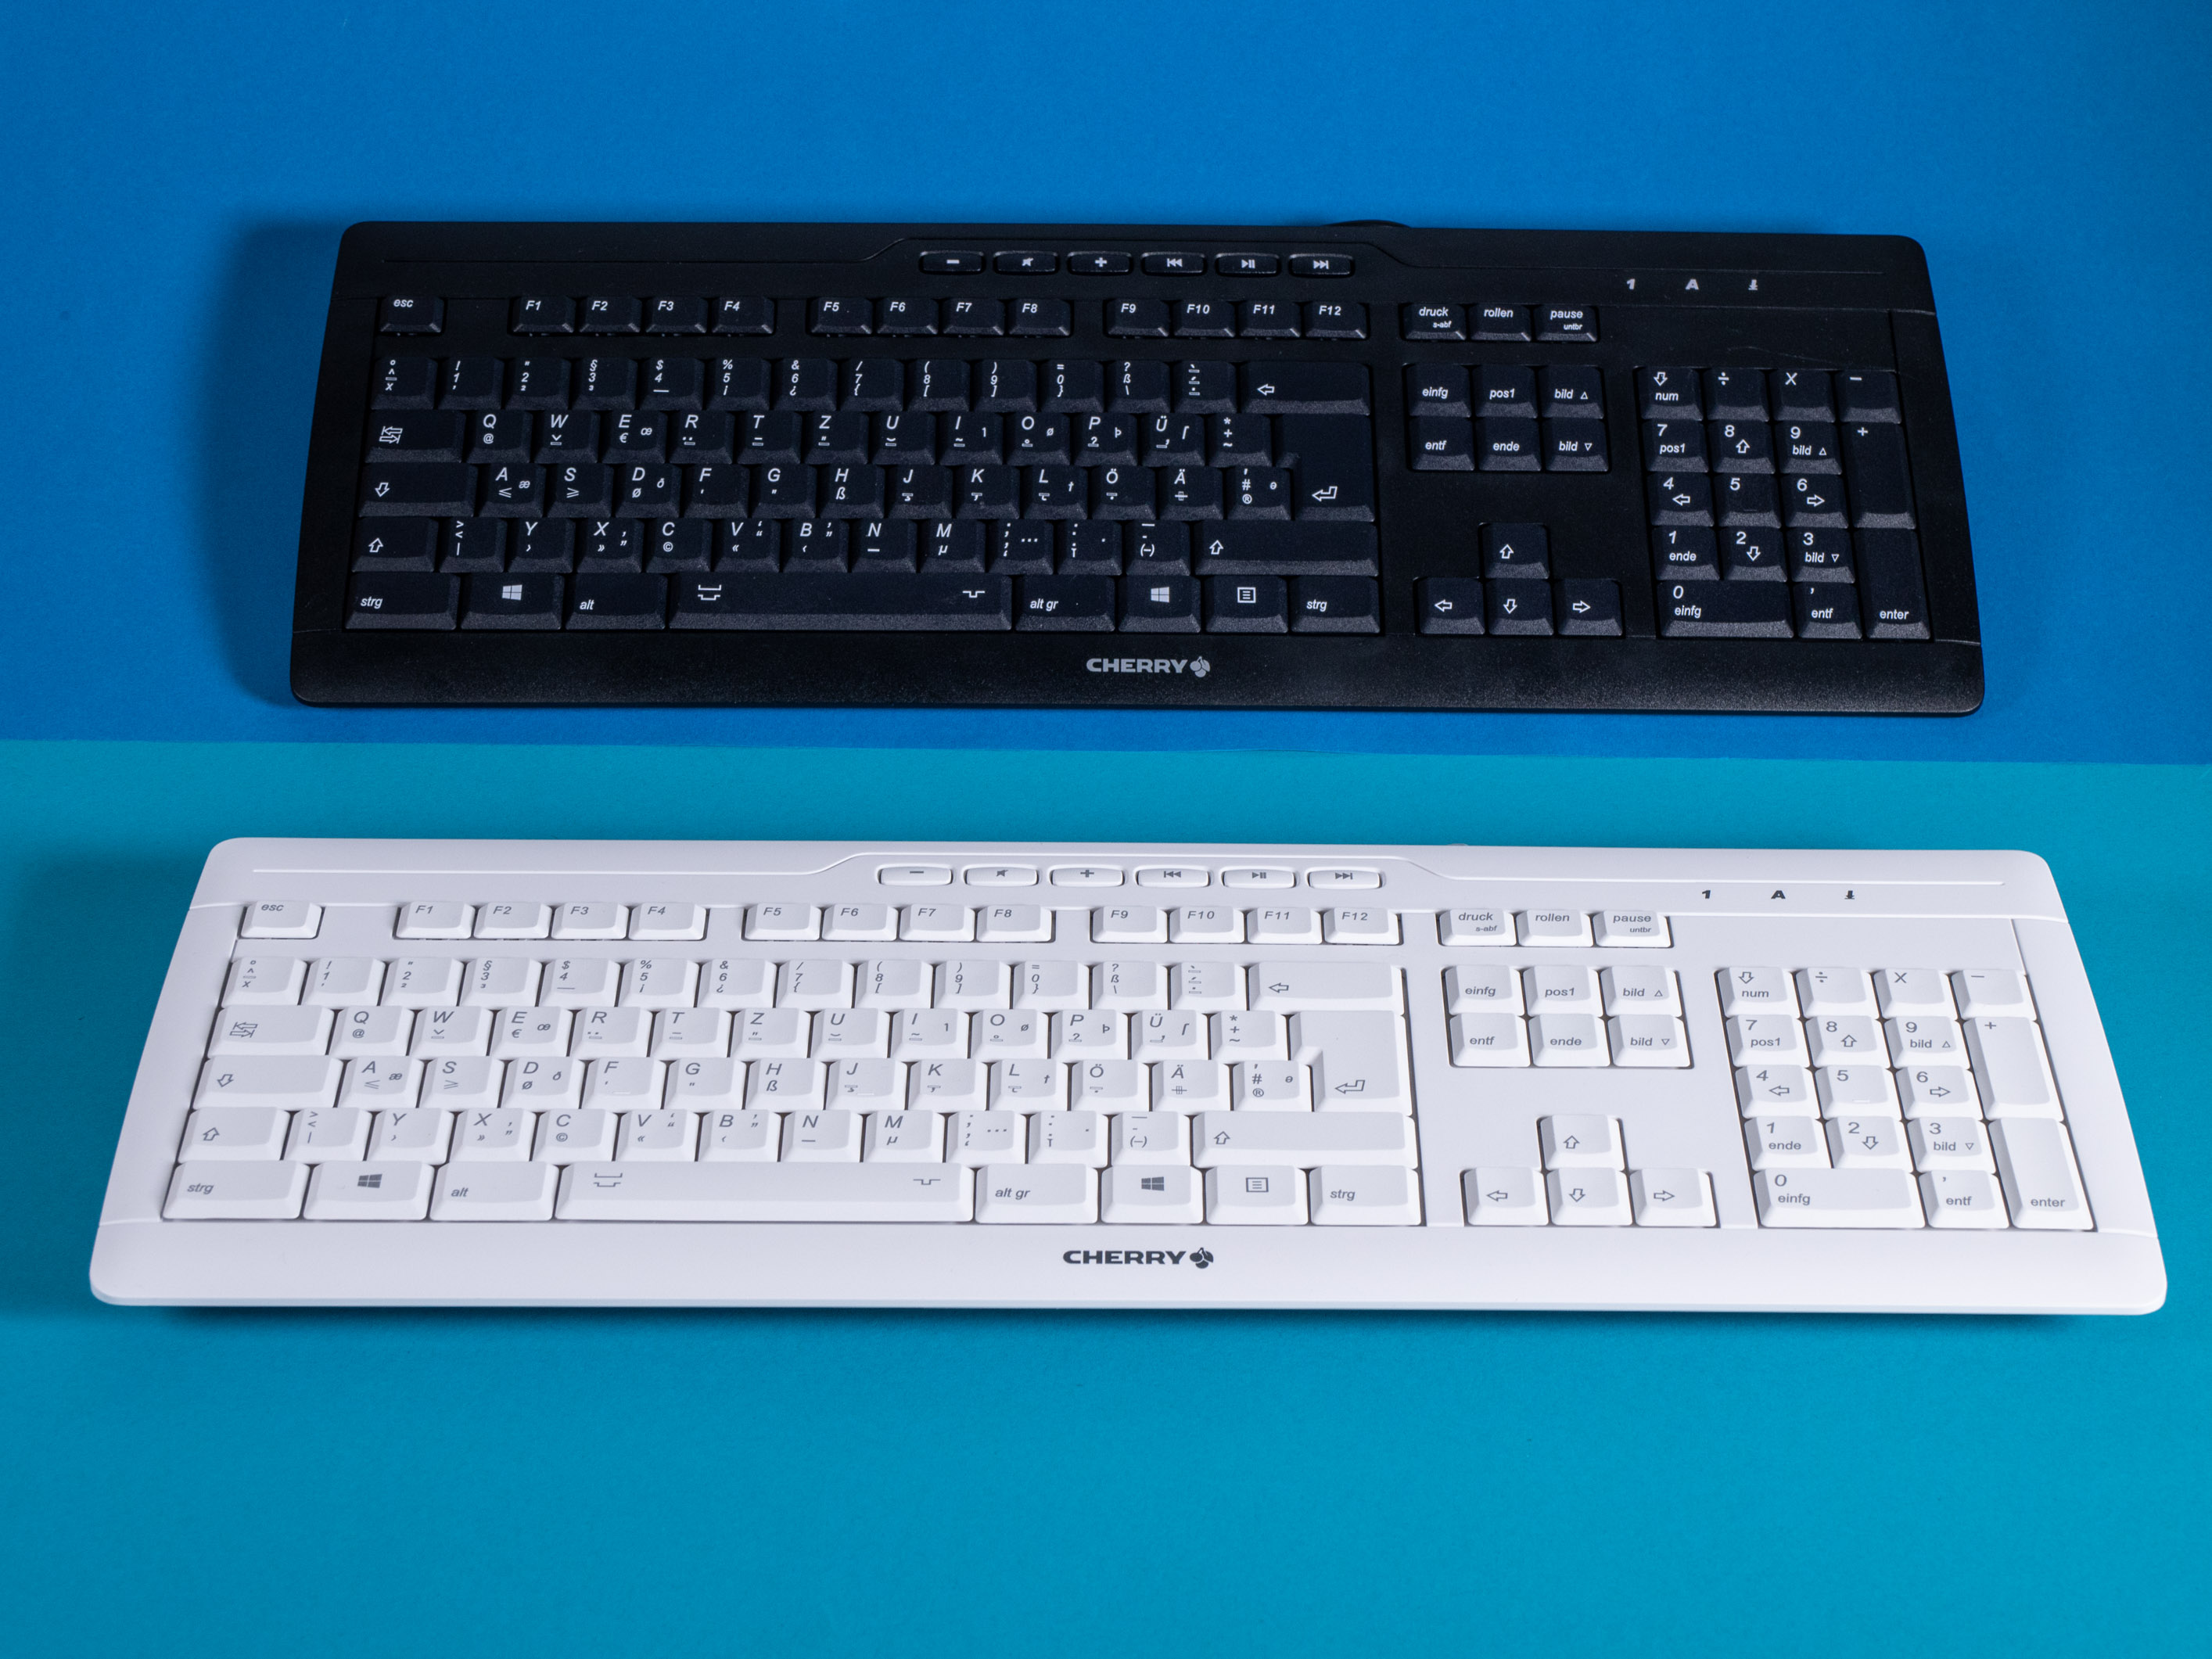 DIN 2137-T2-Layout ausprobiert: Die Tastatur mit dem großen ß -